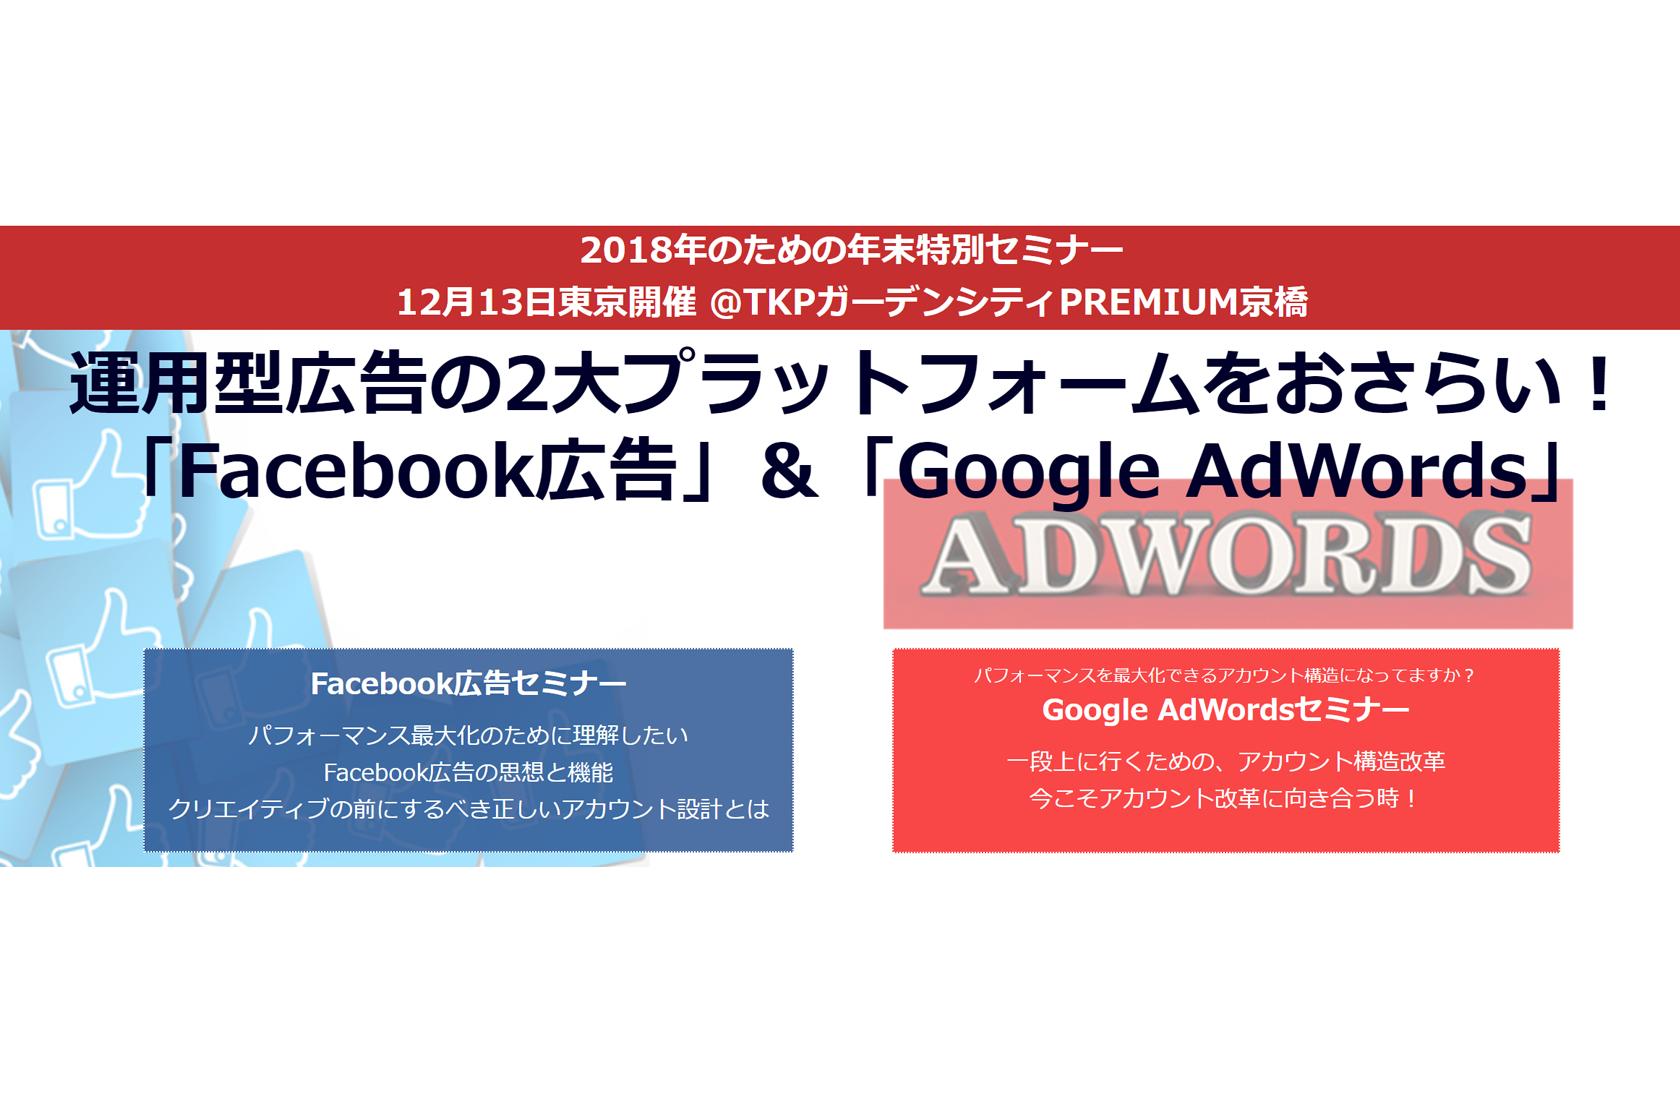 2017年12月13日開催決定!『運用型広告の2大プラットフォームをおさらい!Facebook広告&Google AdWords』